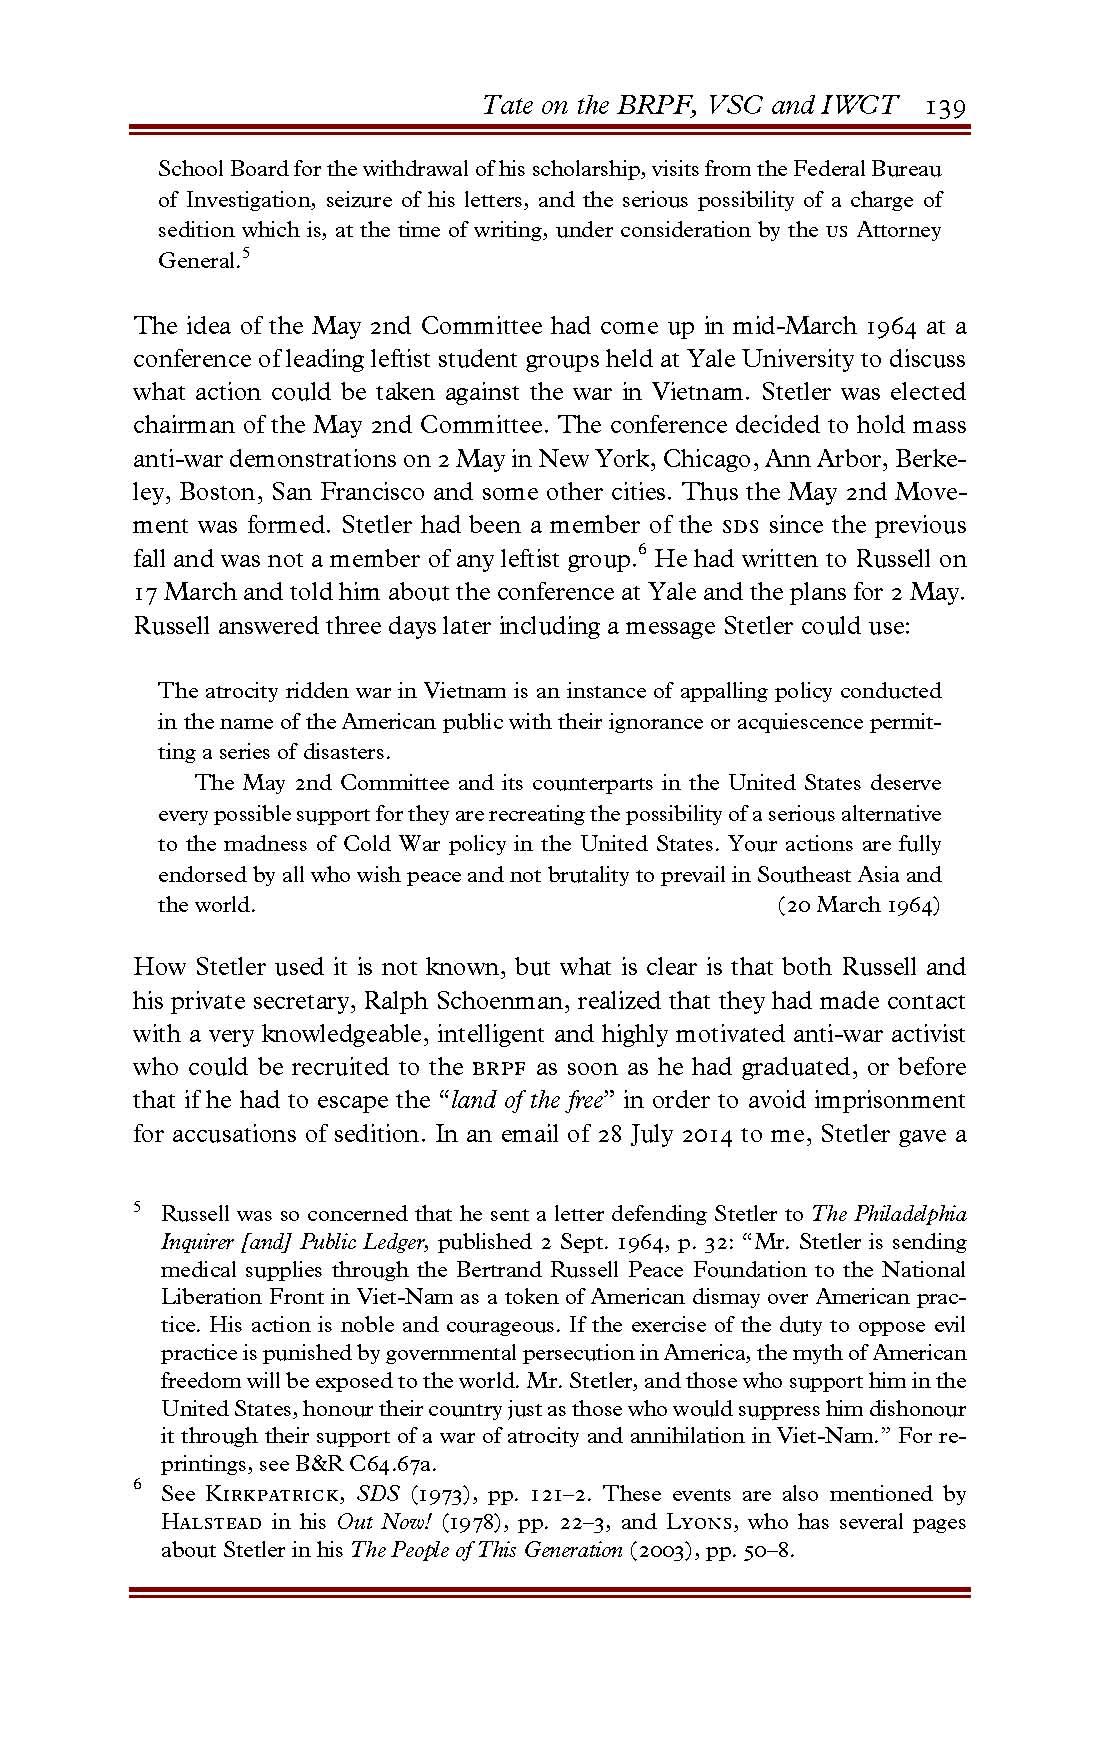 The veldt thesis